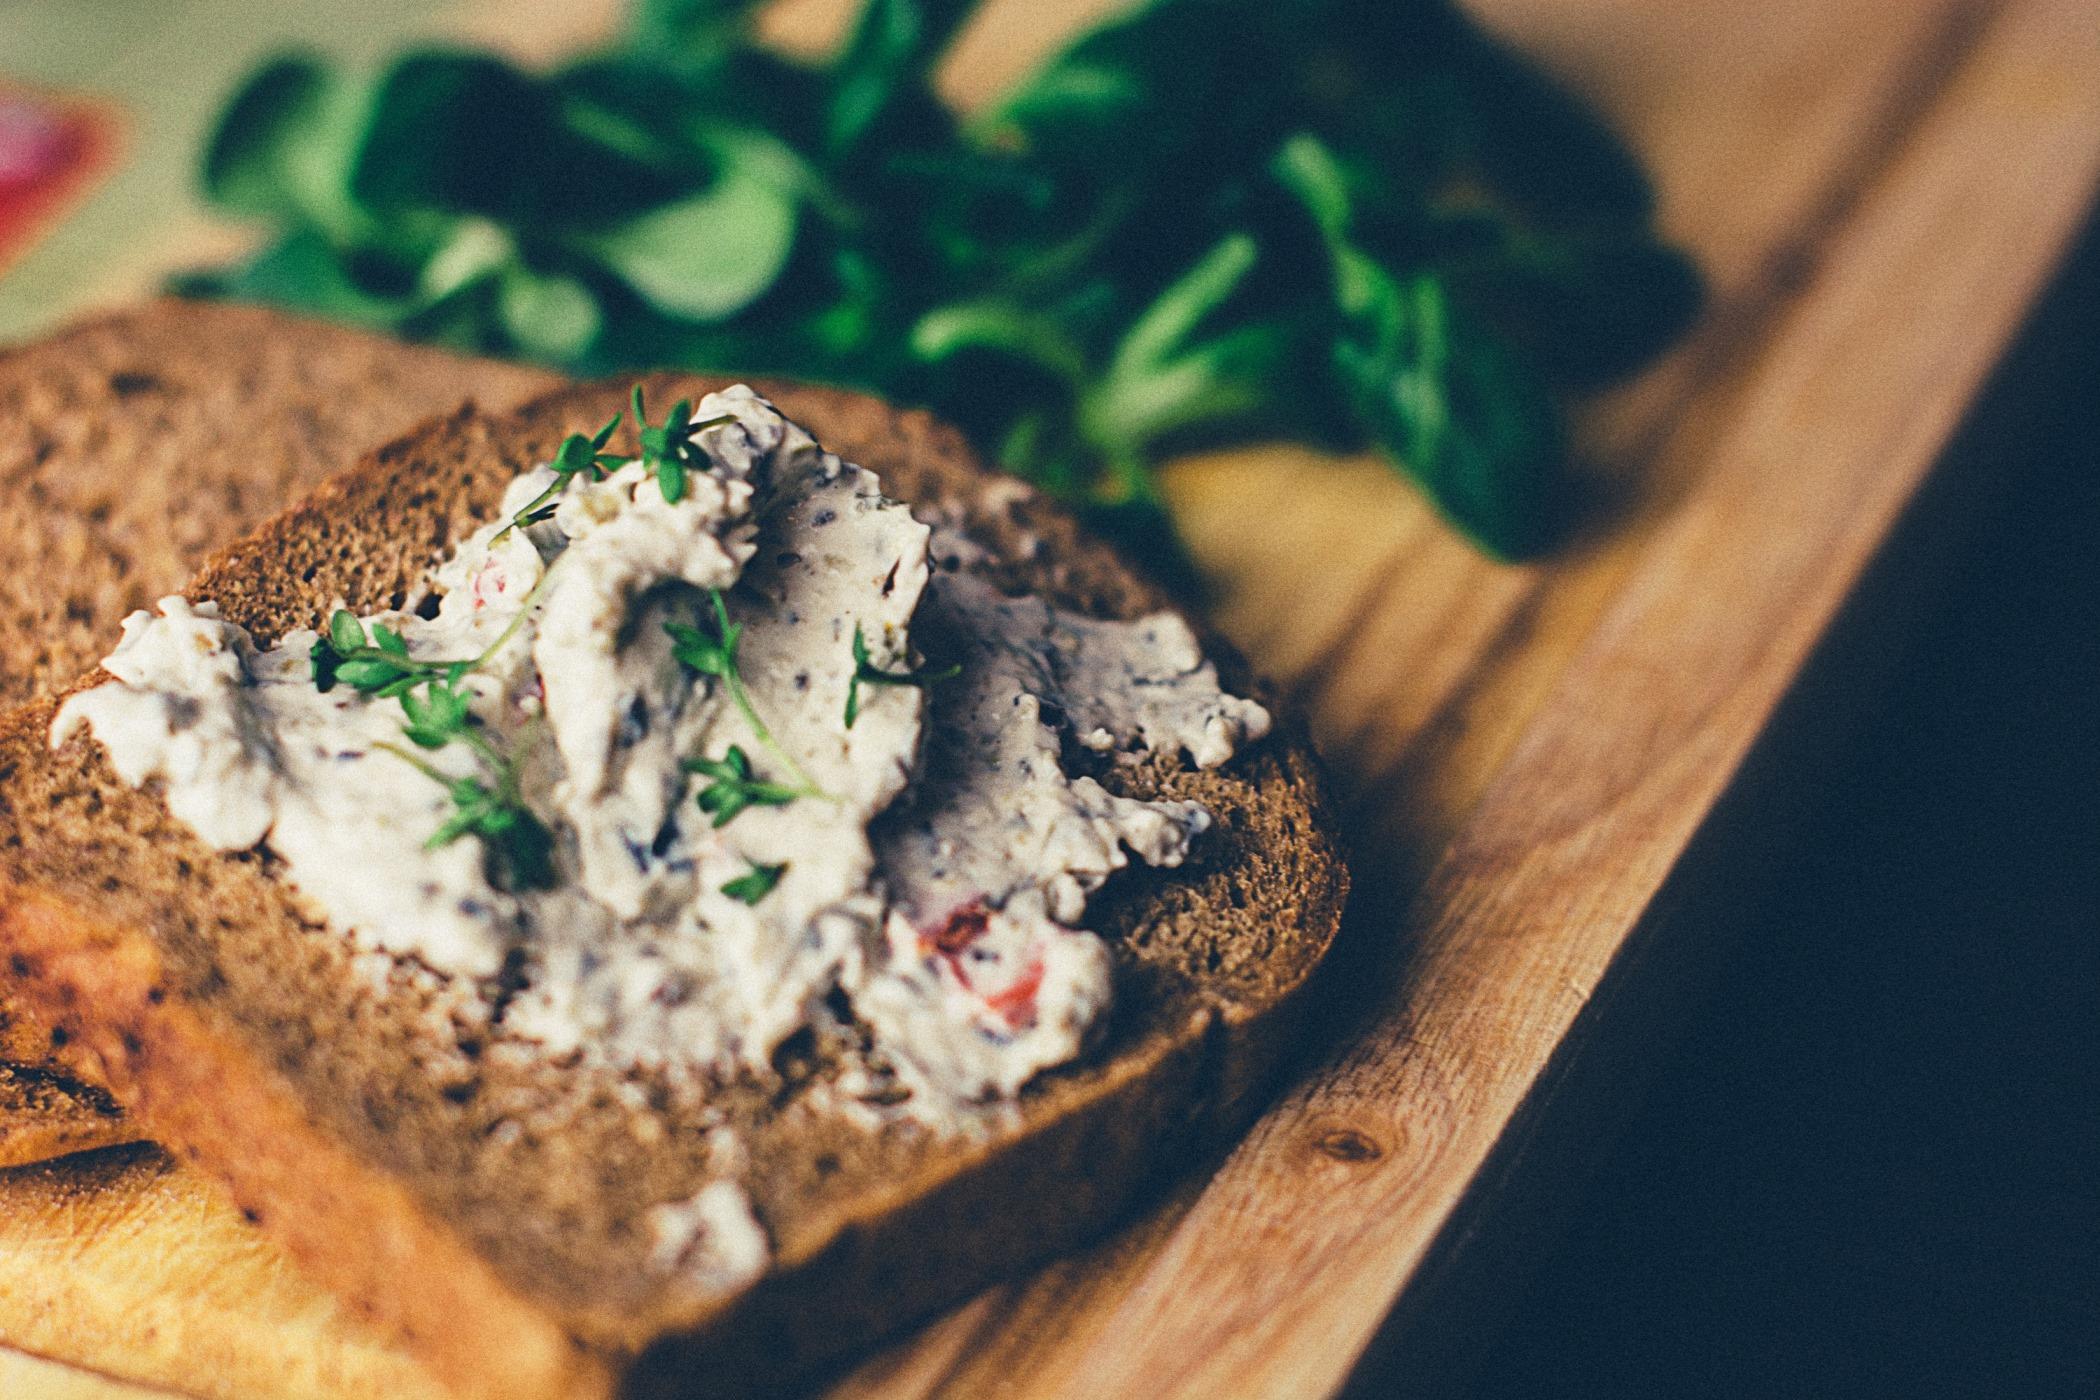 Zdravé potraviny | Myprotein.cz